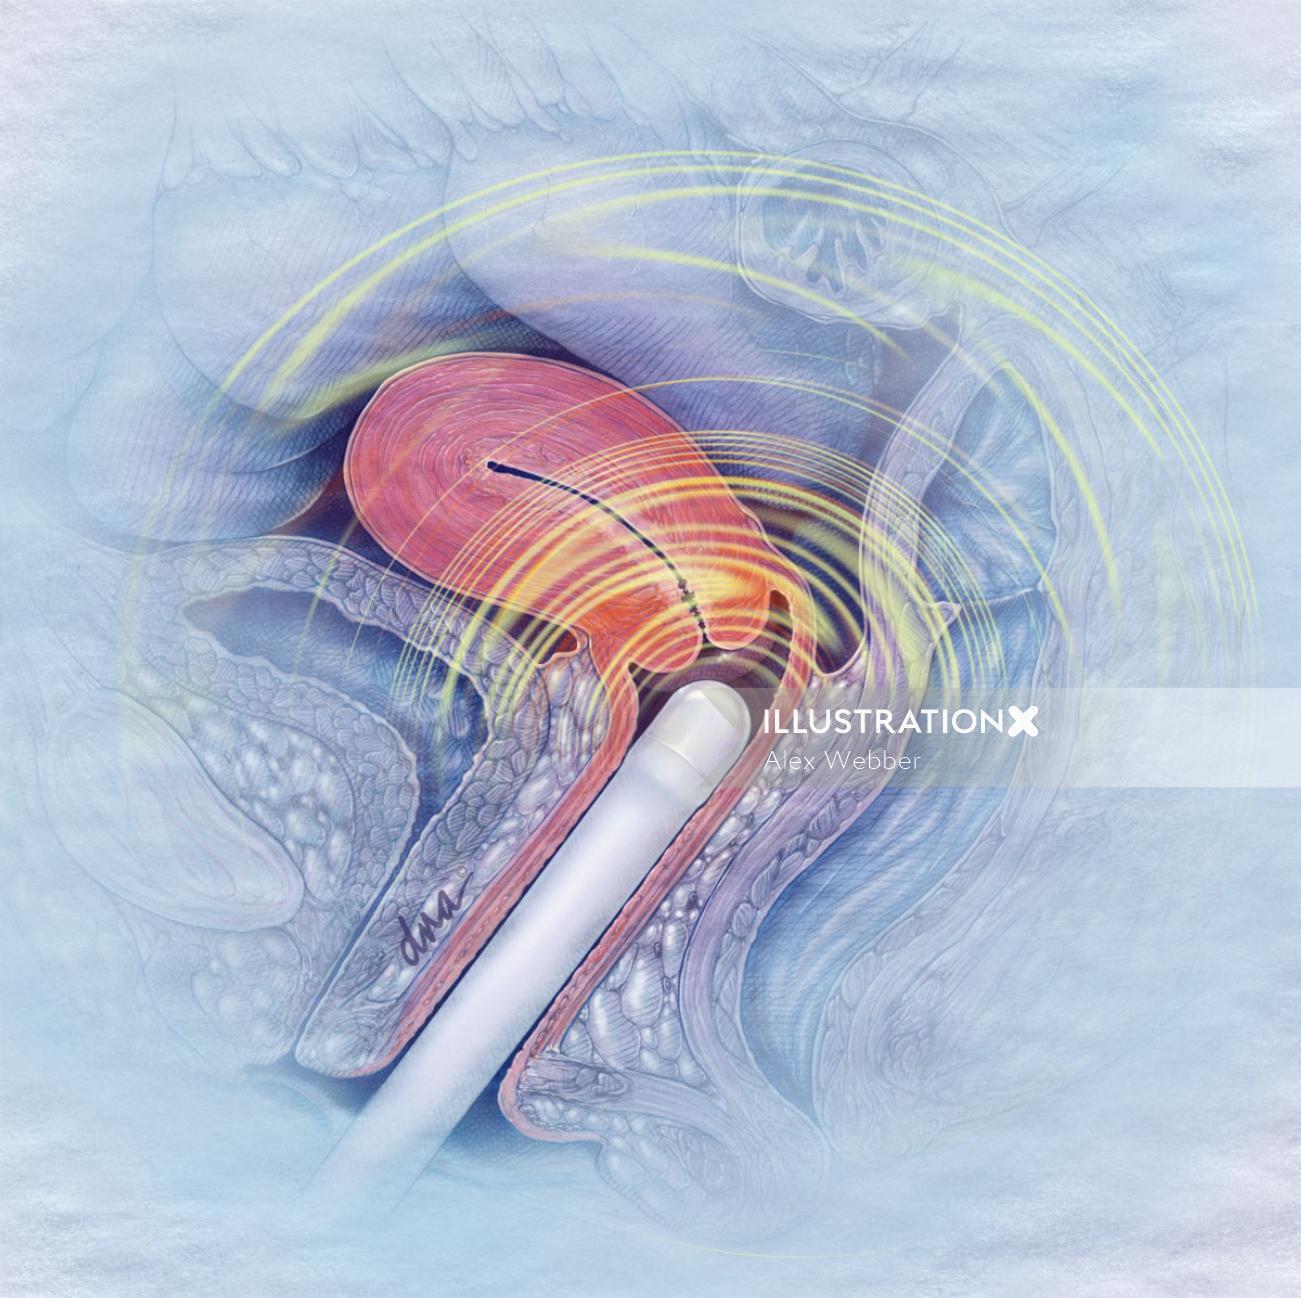 Post-menopausal bleeding illustration by AlexBaker